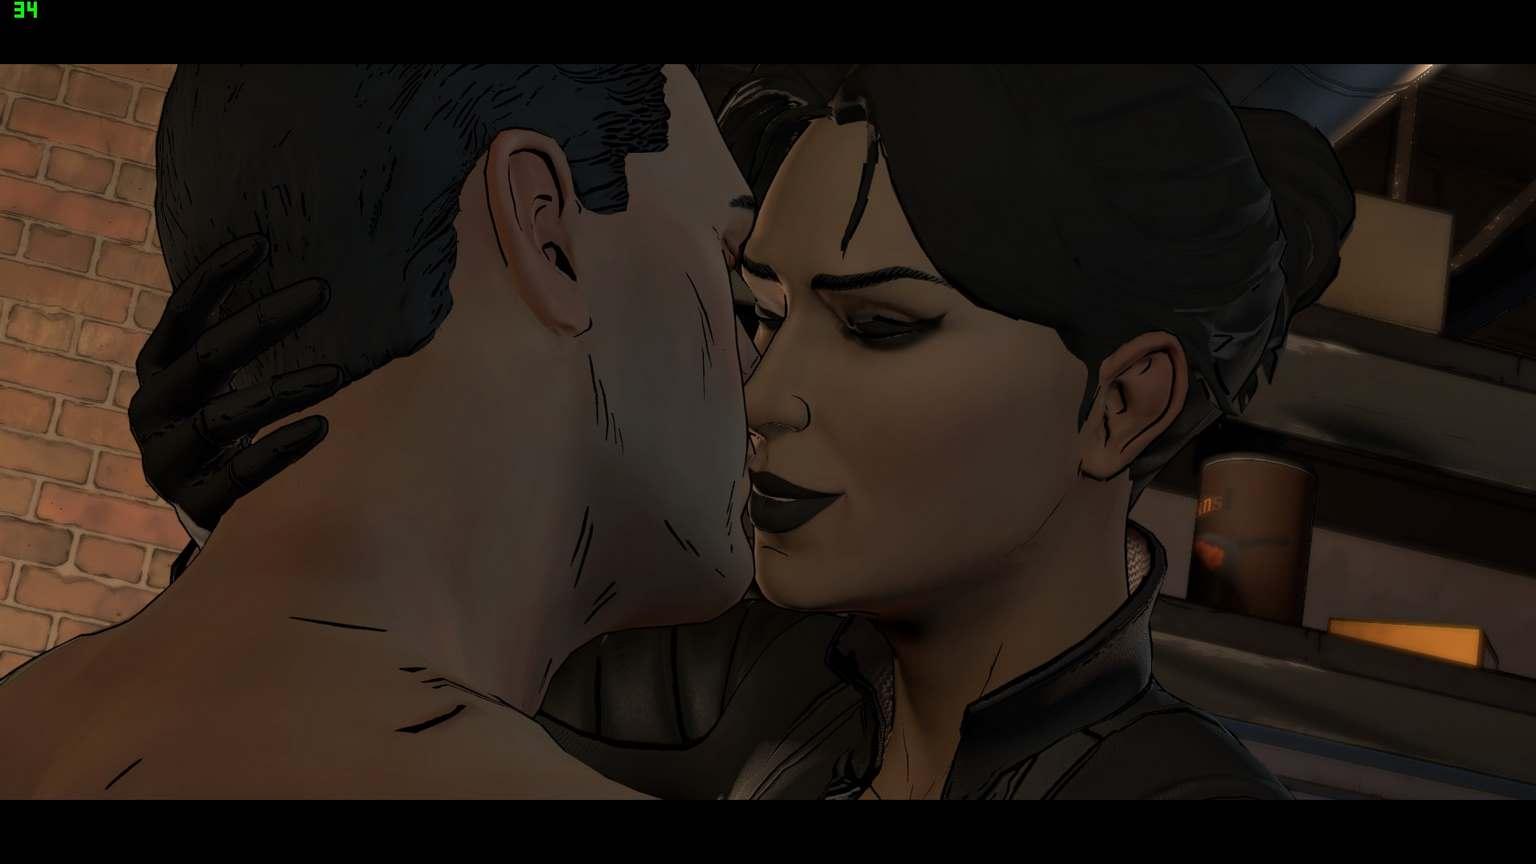 Секс с бетвенам, Бэтмен - бесплатное порно онлайн, смотреть видео ролики 16 фотография